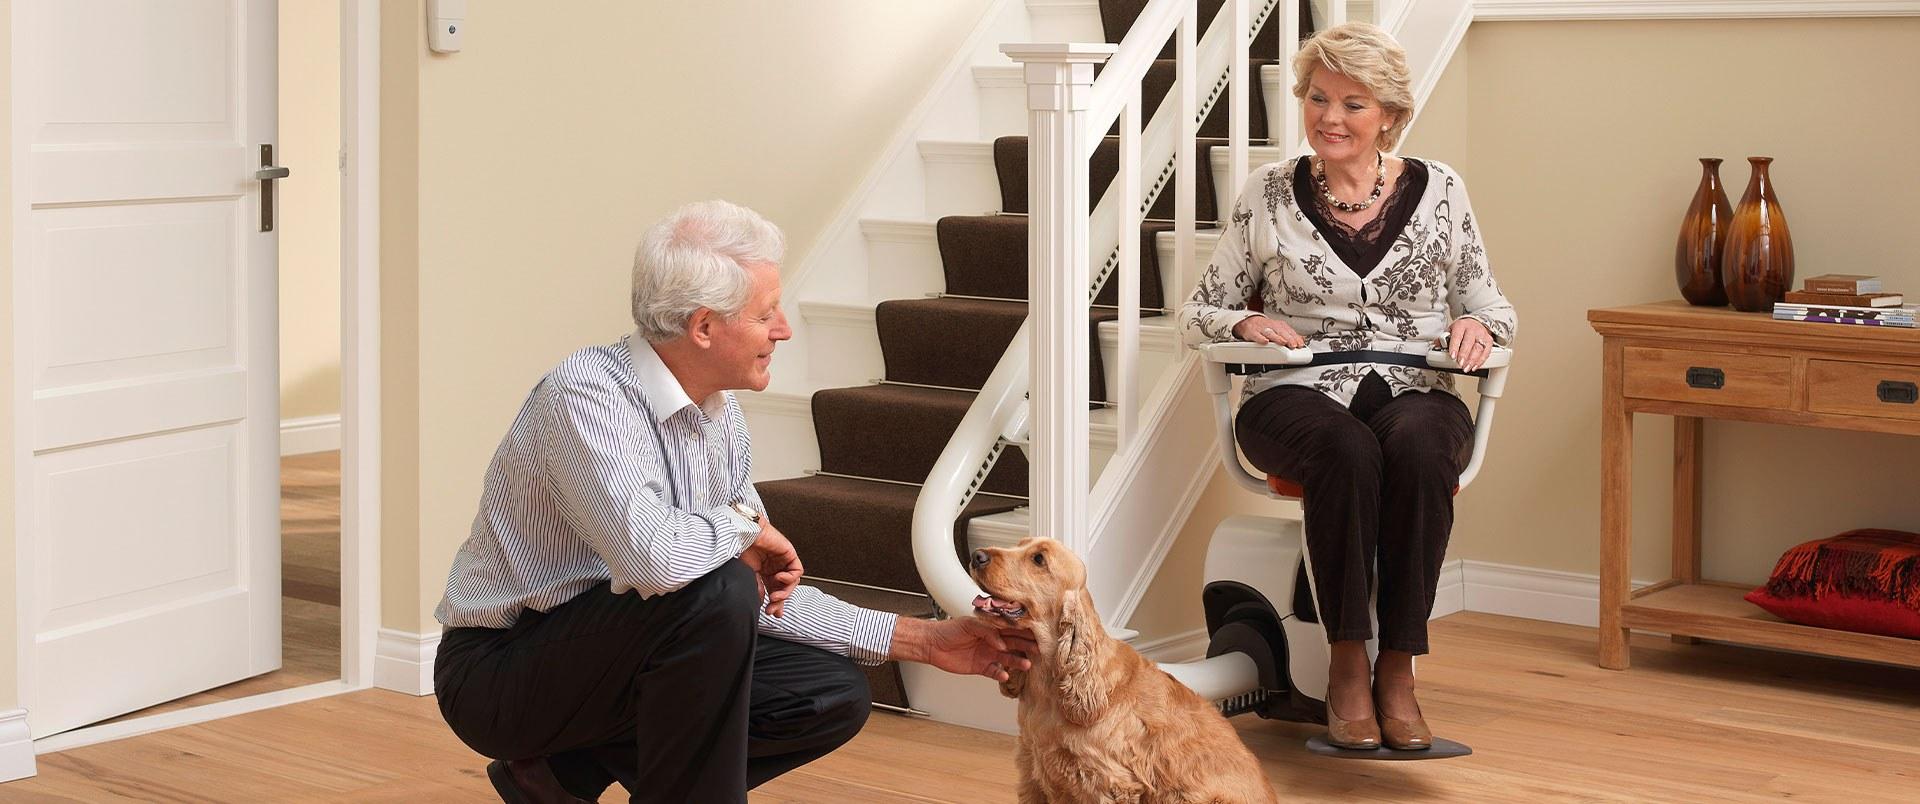 Treppenlift mit Familie und Hund.